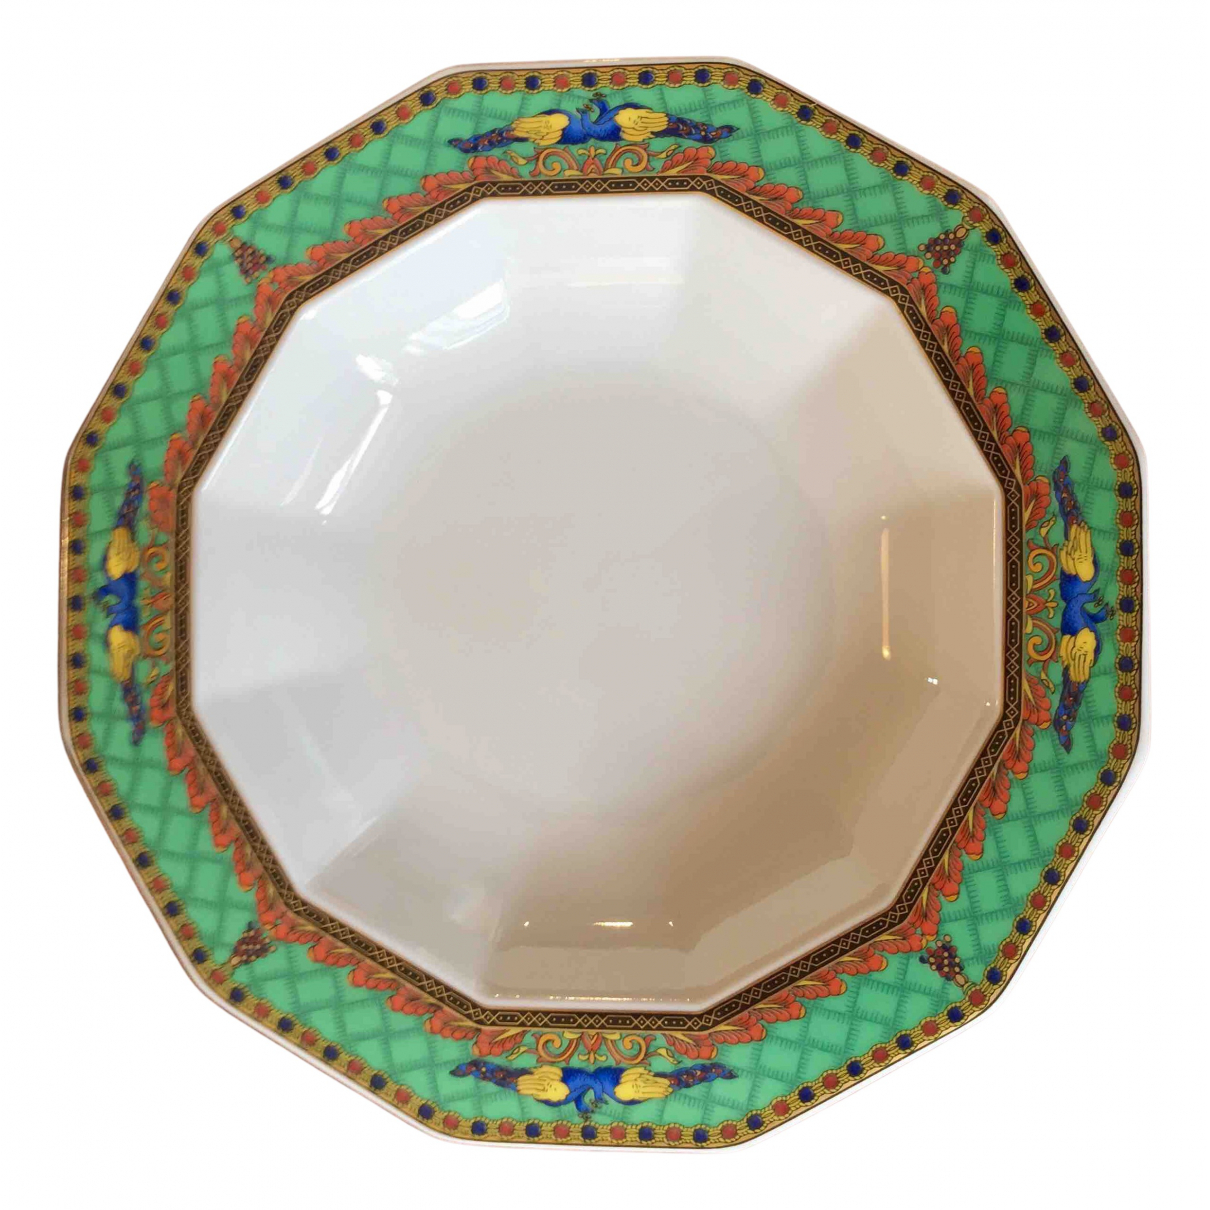 Gianni Versace \N Tischkultur in  Bunt Porzellan